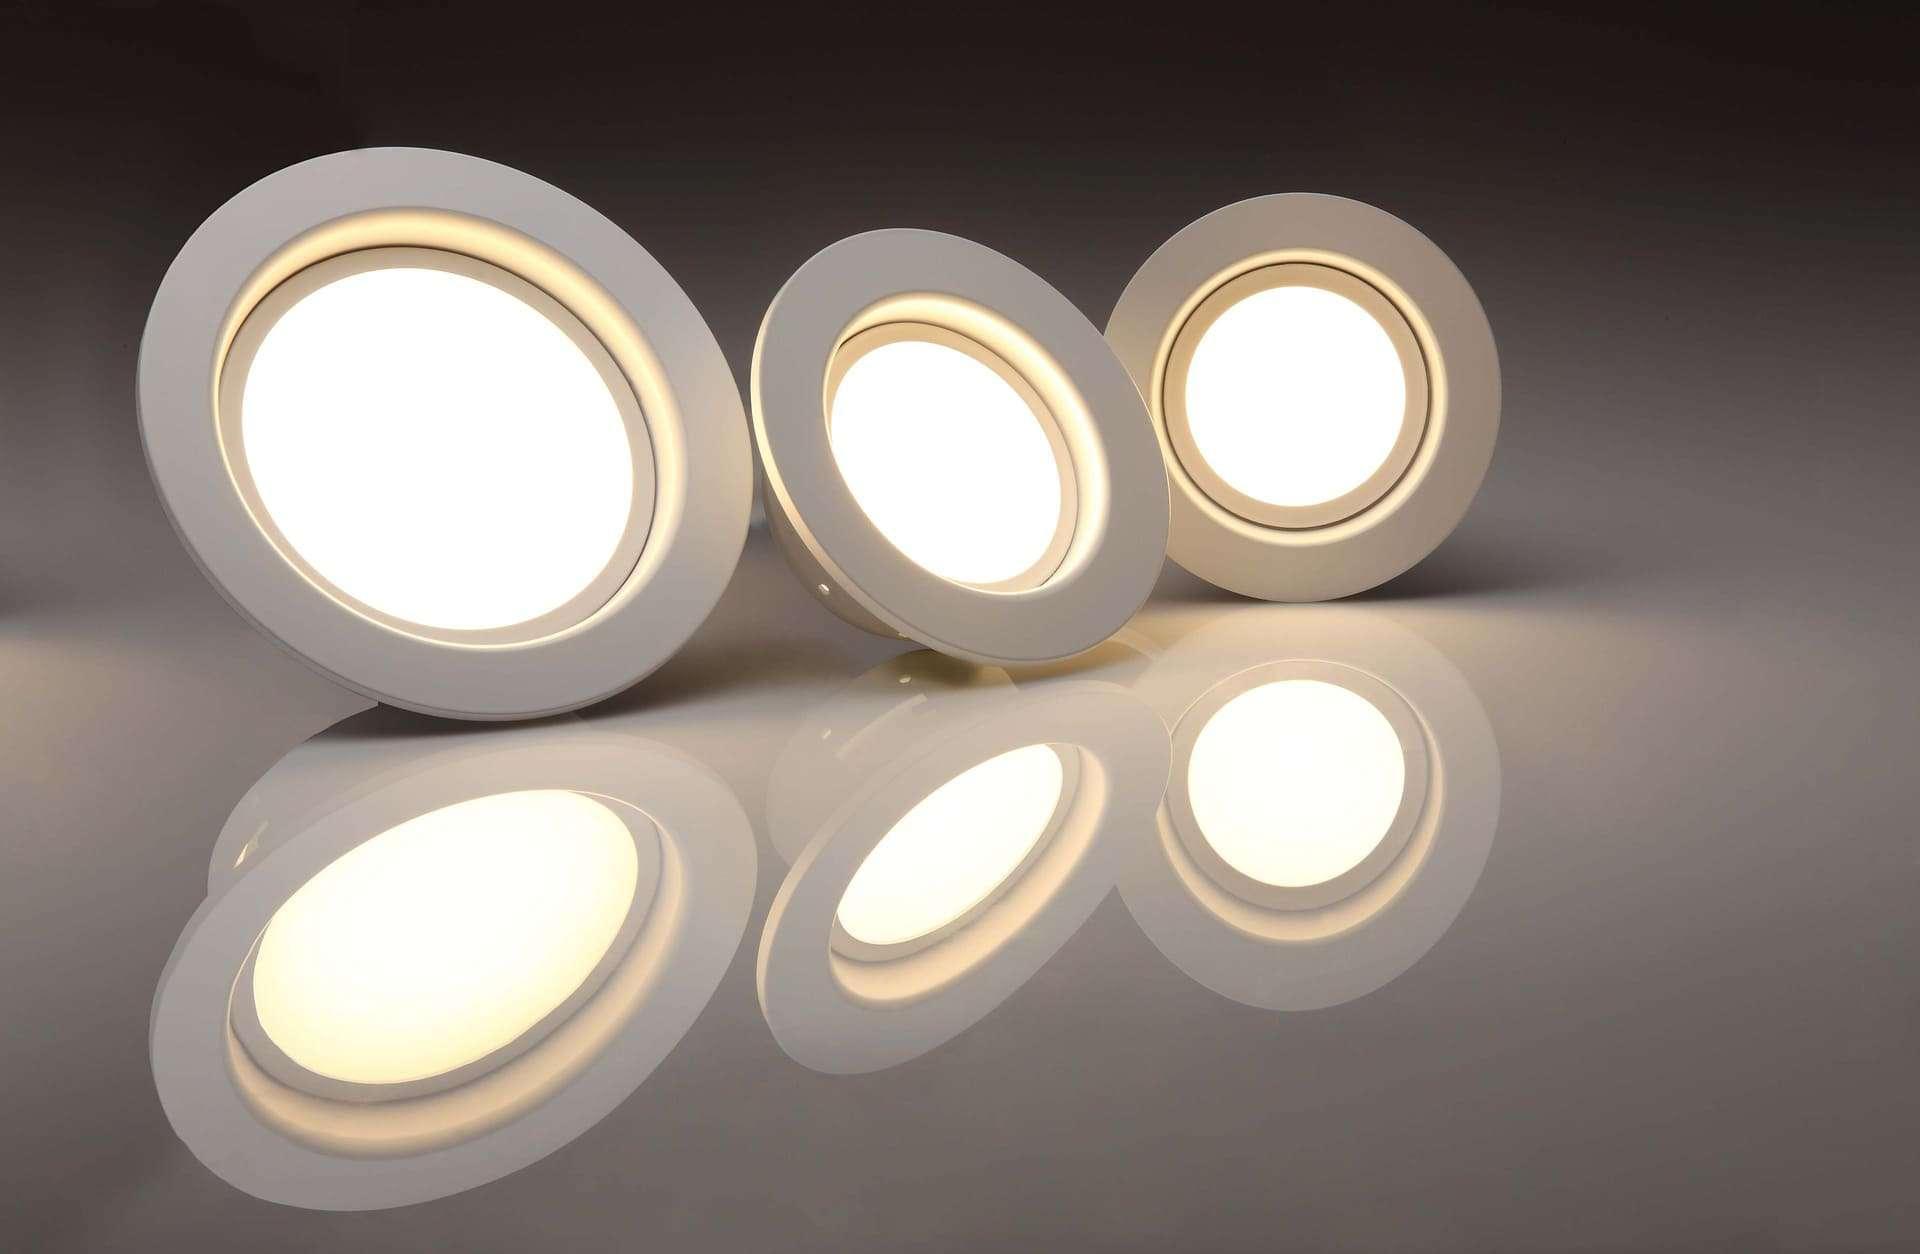 LED-Leuchtmittel: Test & Empfehlungen (09/20)